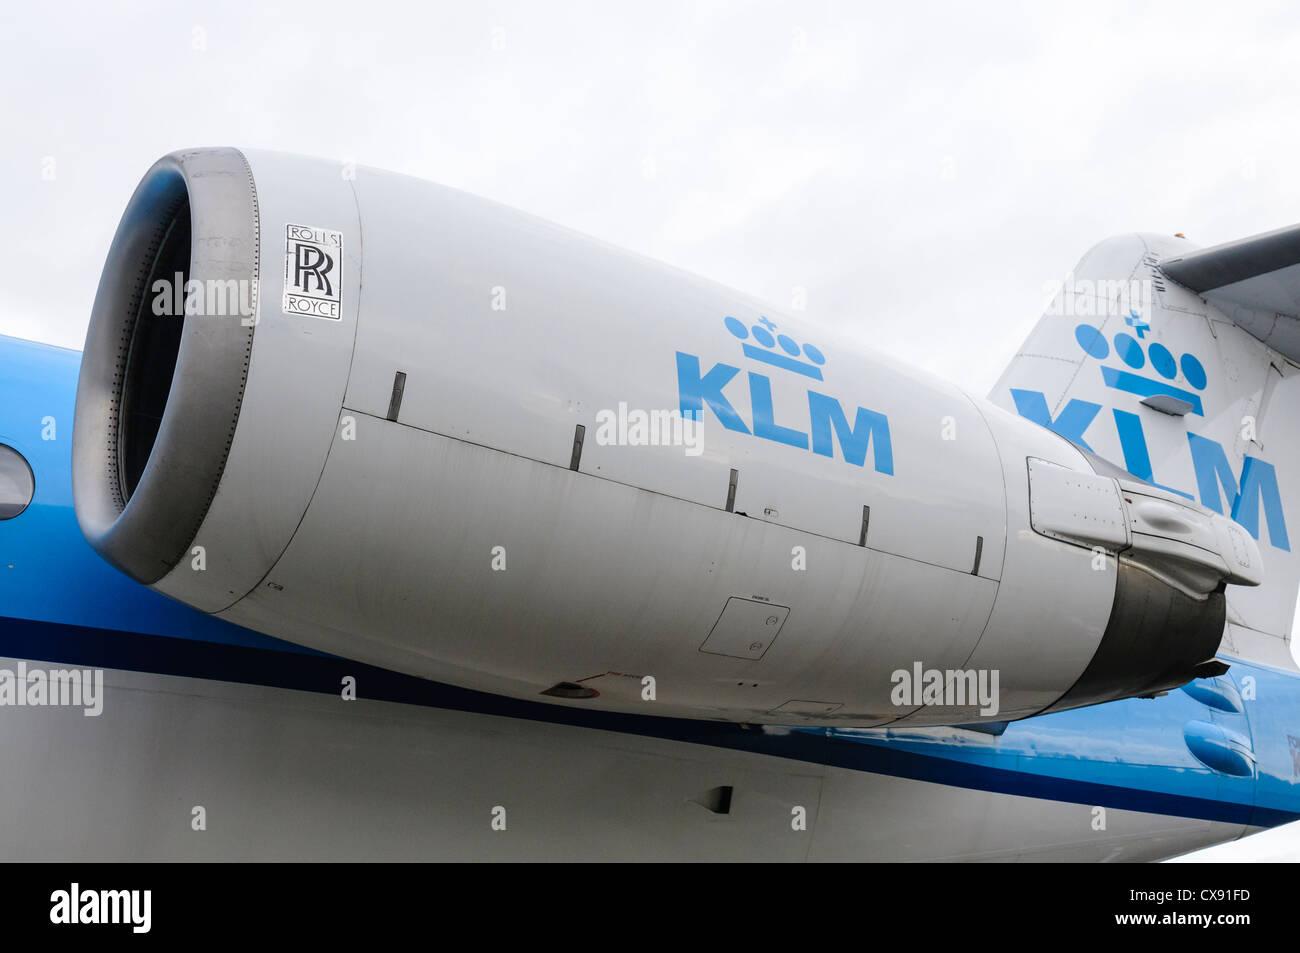 Rolls Royce RB-183 engine on a KLM Fokker 100 - Stock Image